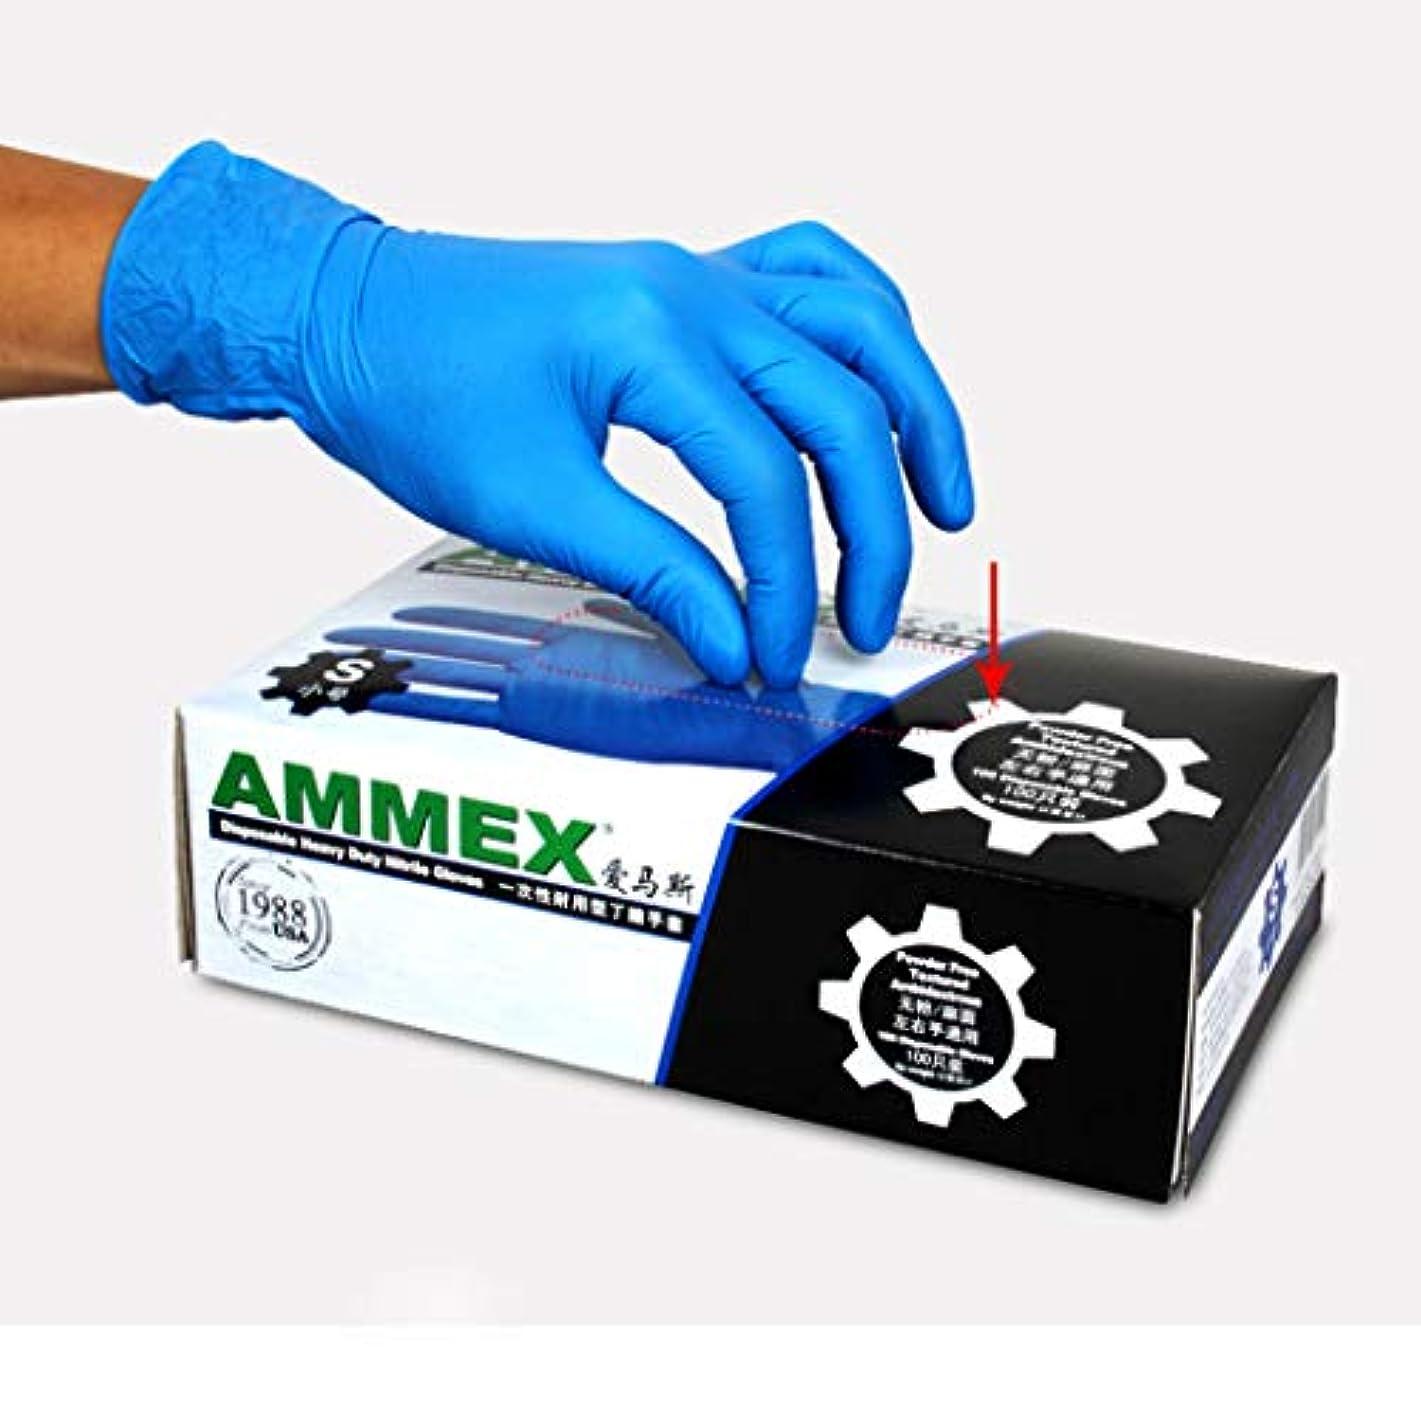 植物学者従うつまらない使い捨て手袋、粉末フリー、食品グレードの手袋、青、ラテックスフリー、手袋、100 / Box,Xl100/Box